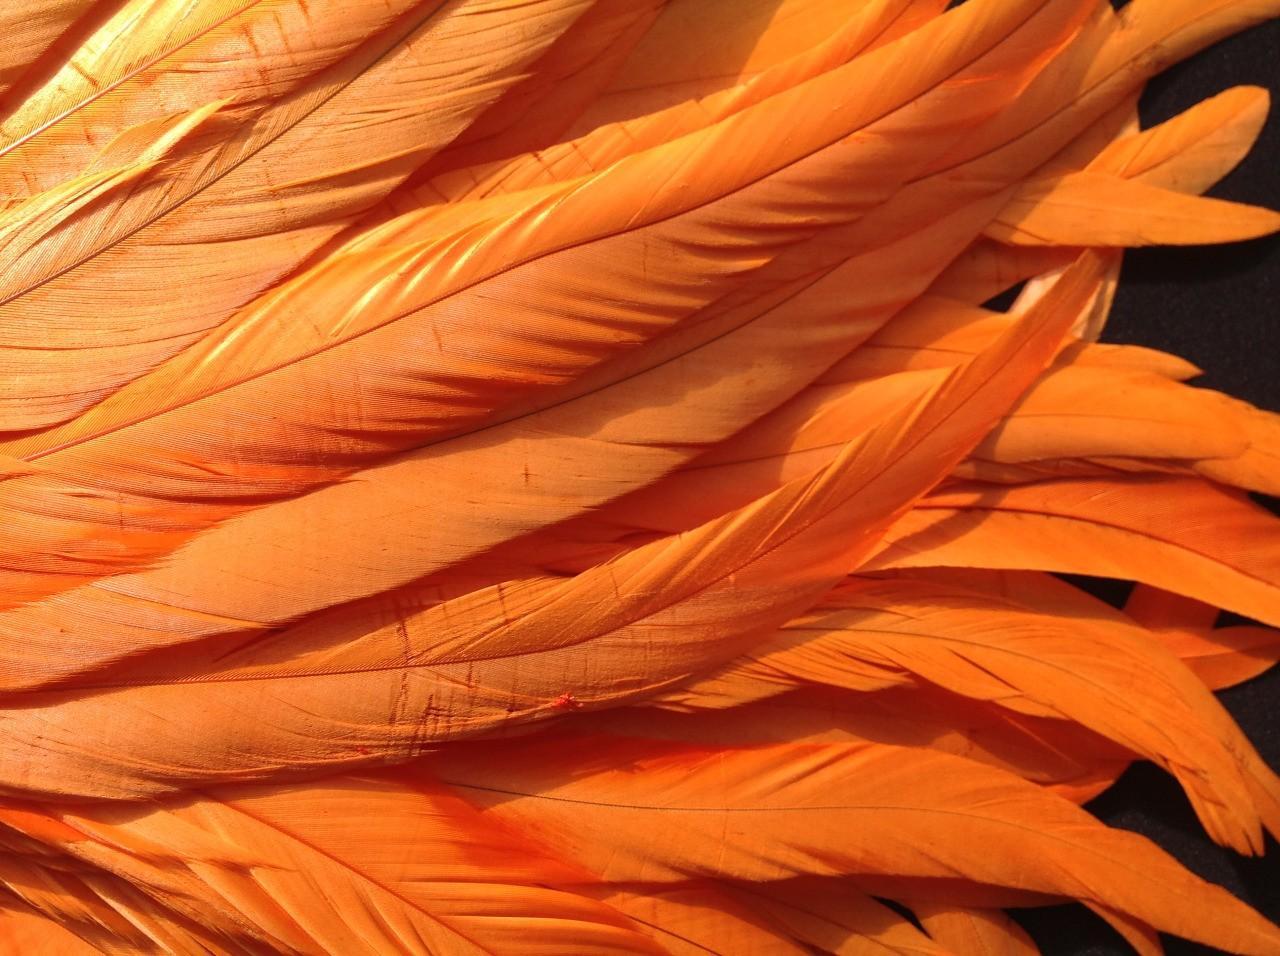 оранжевые фотки тумблер это значит